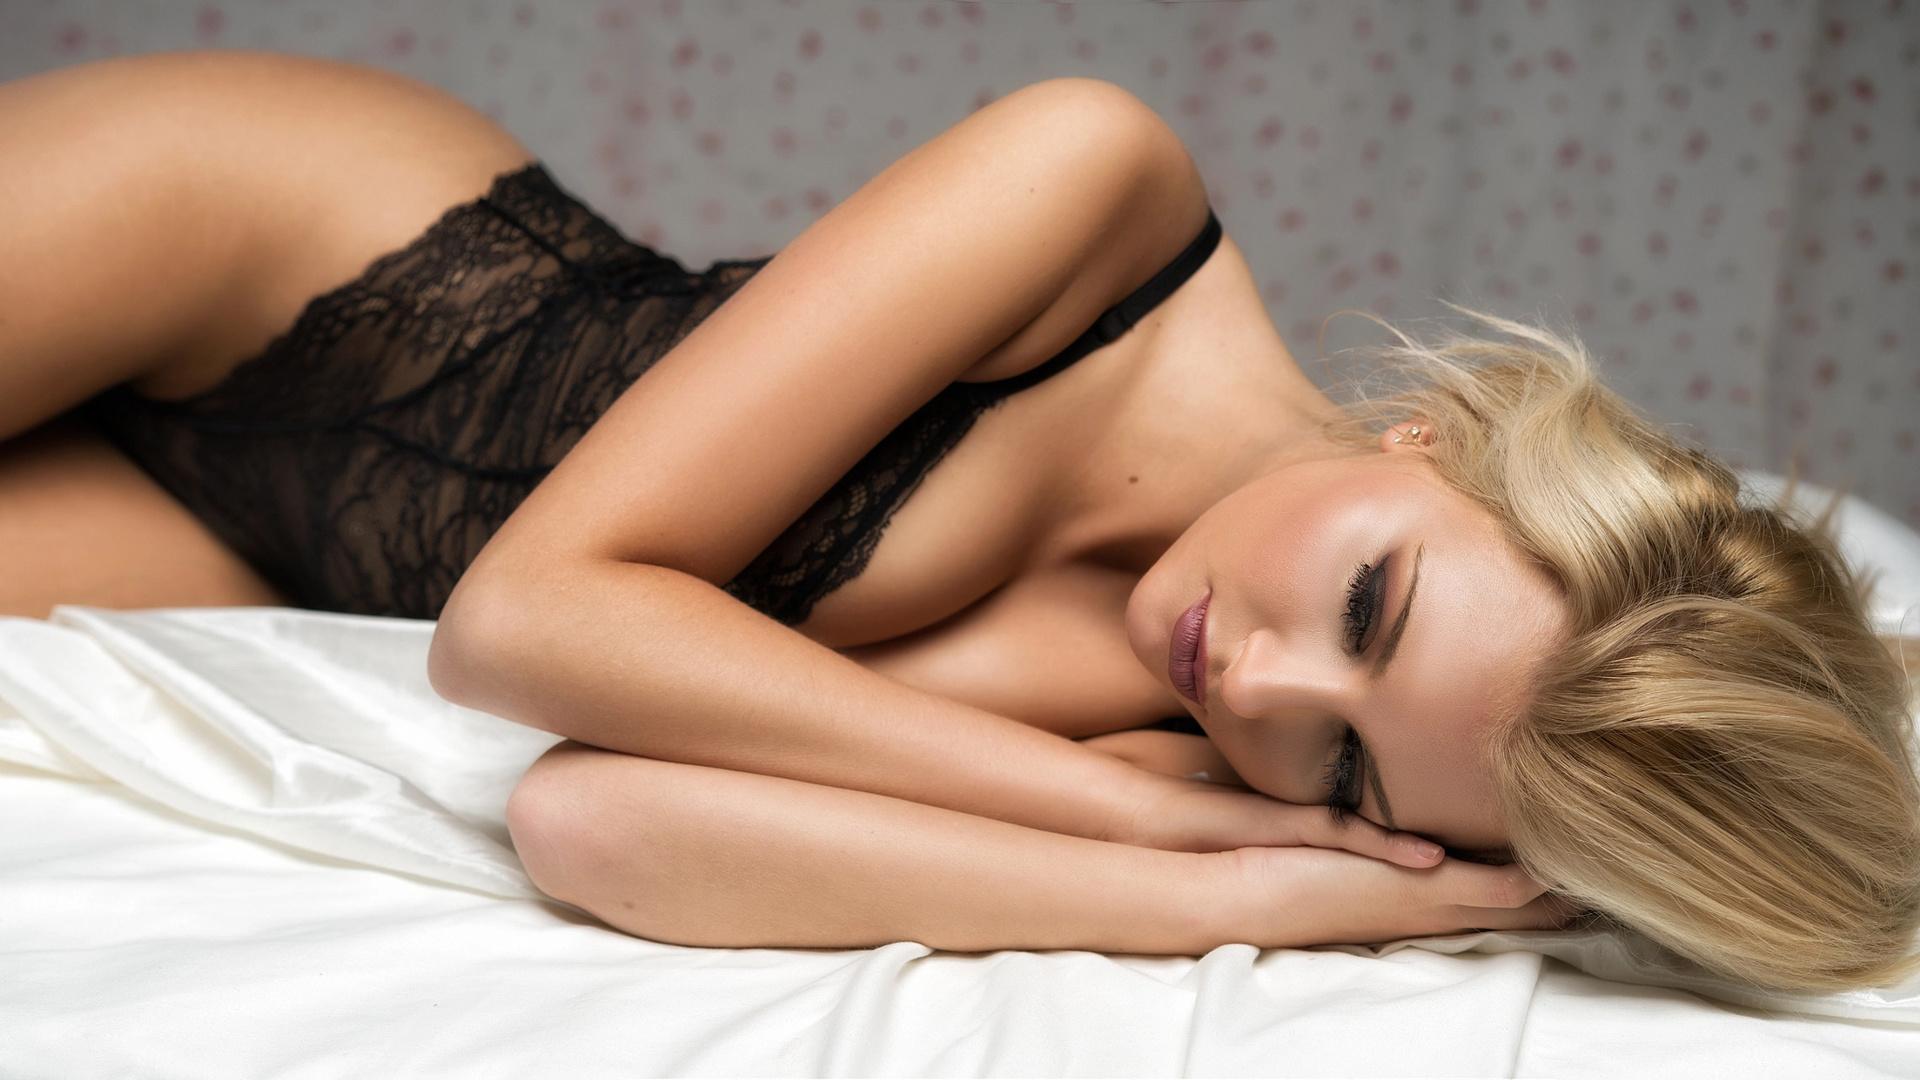 Сексуальная терапия для блондинки, Порно Доктор - 57 видео. Смотреть порно онлайн! 1 фотография